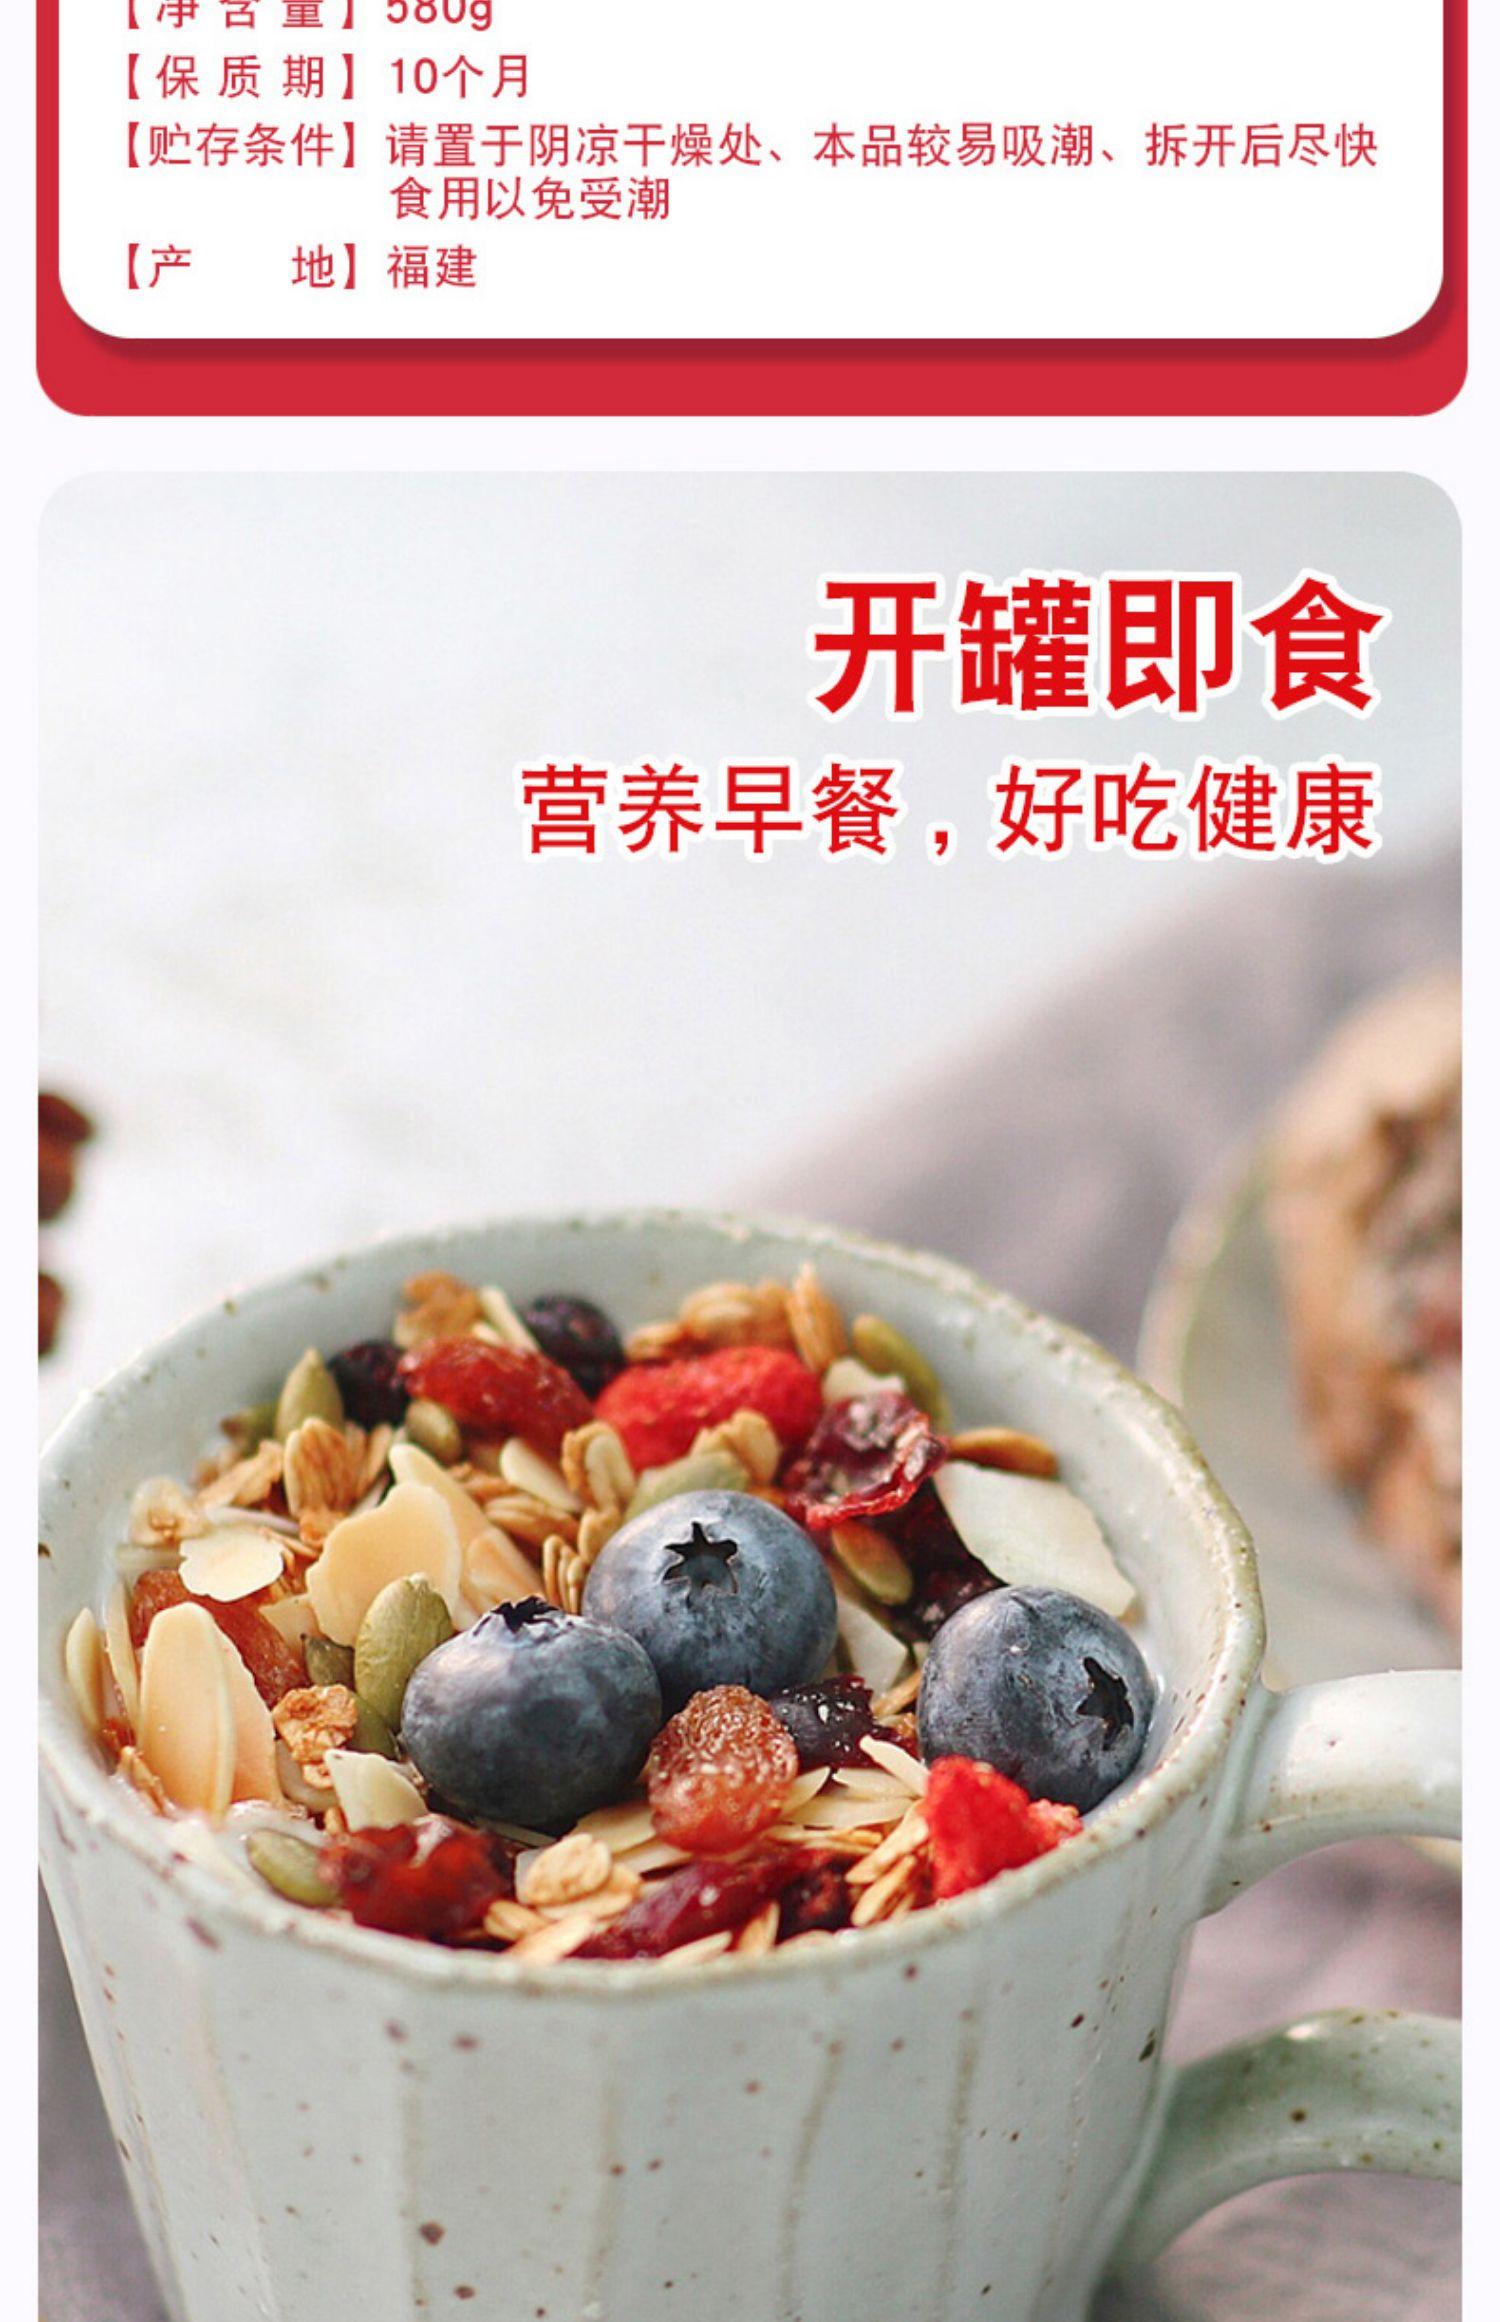 【网红麦片】麦麦侠水果坚果燕麦片即食干吃早餐速食懒人食品代餐商品详情图